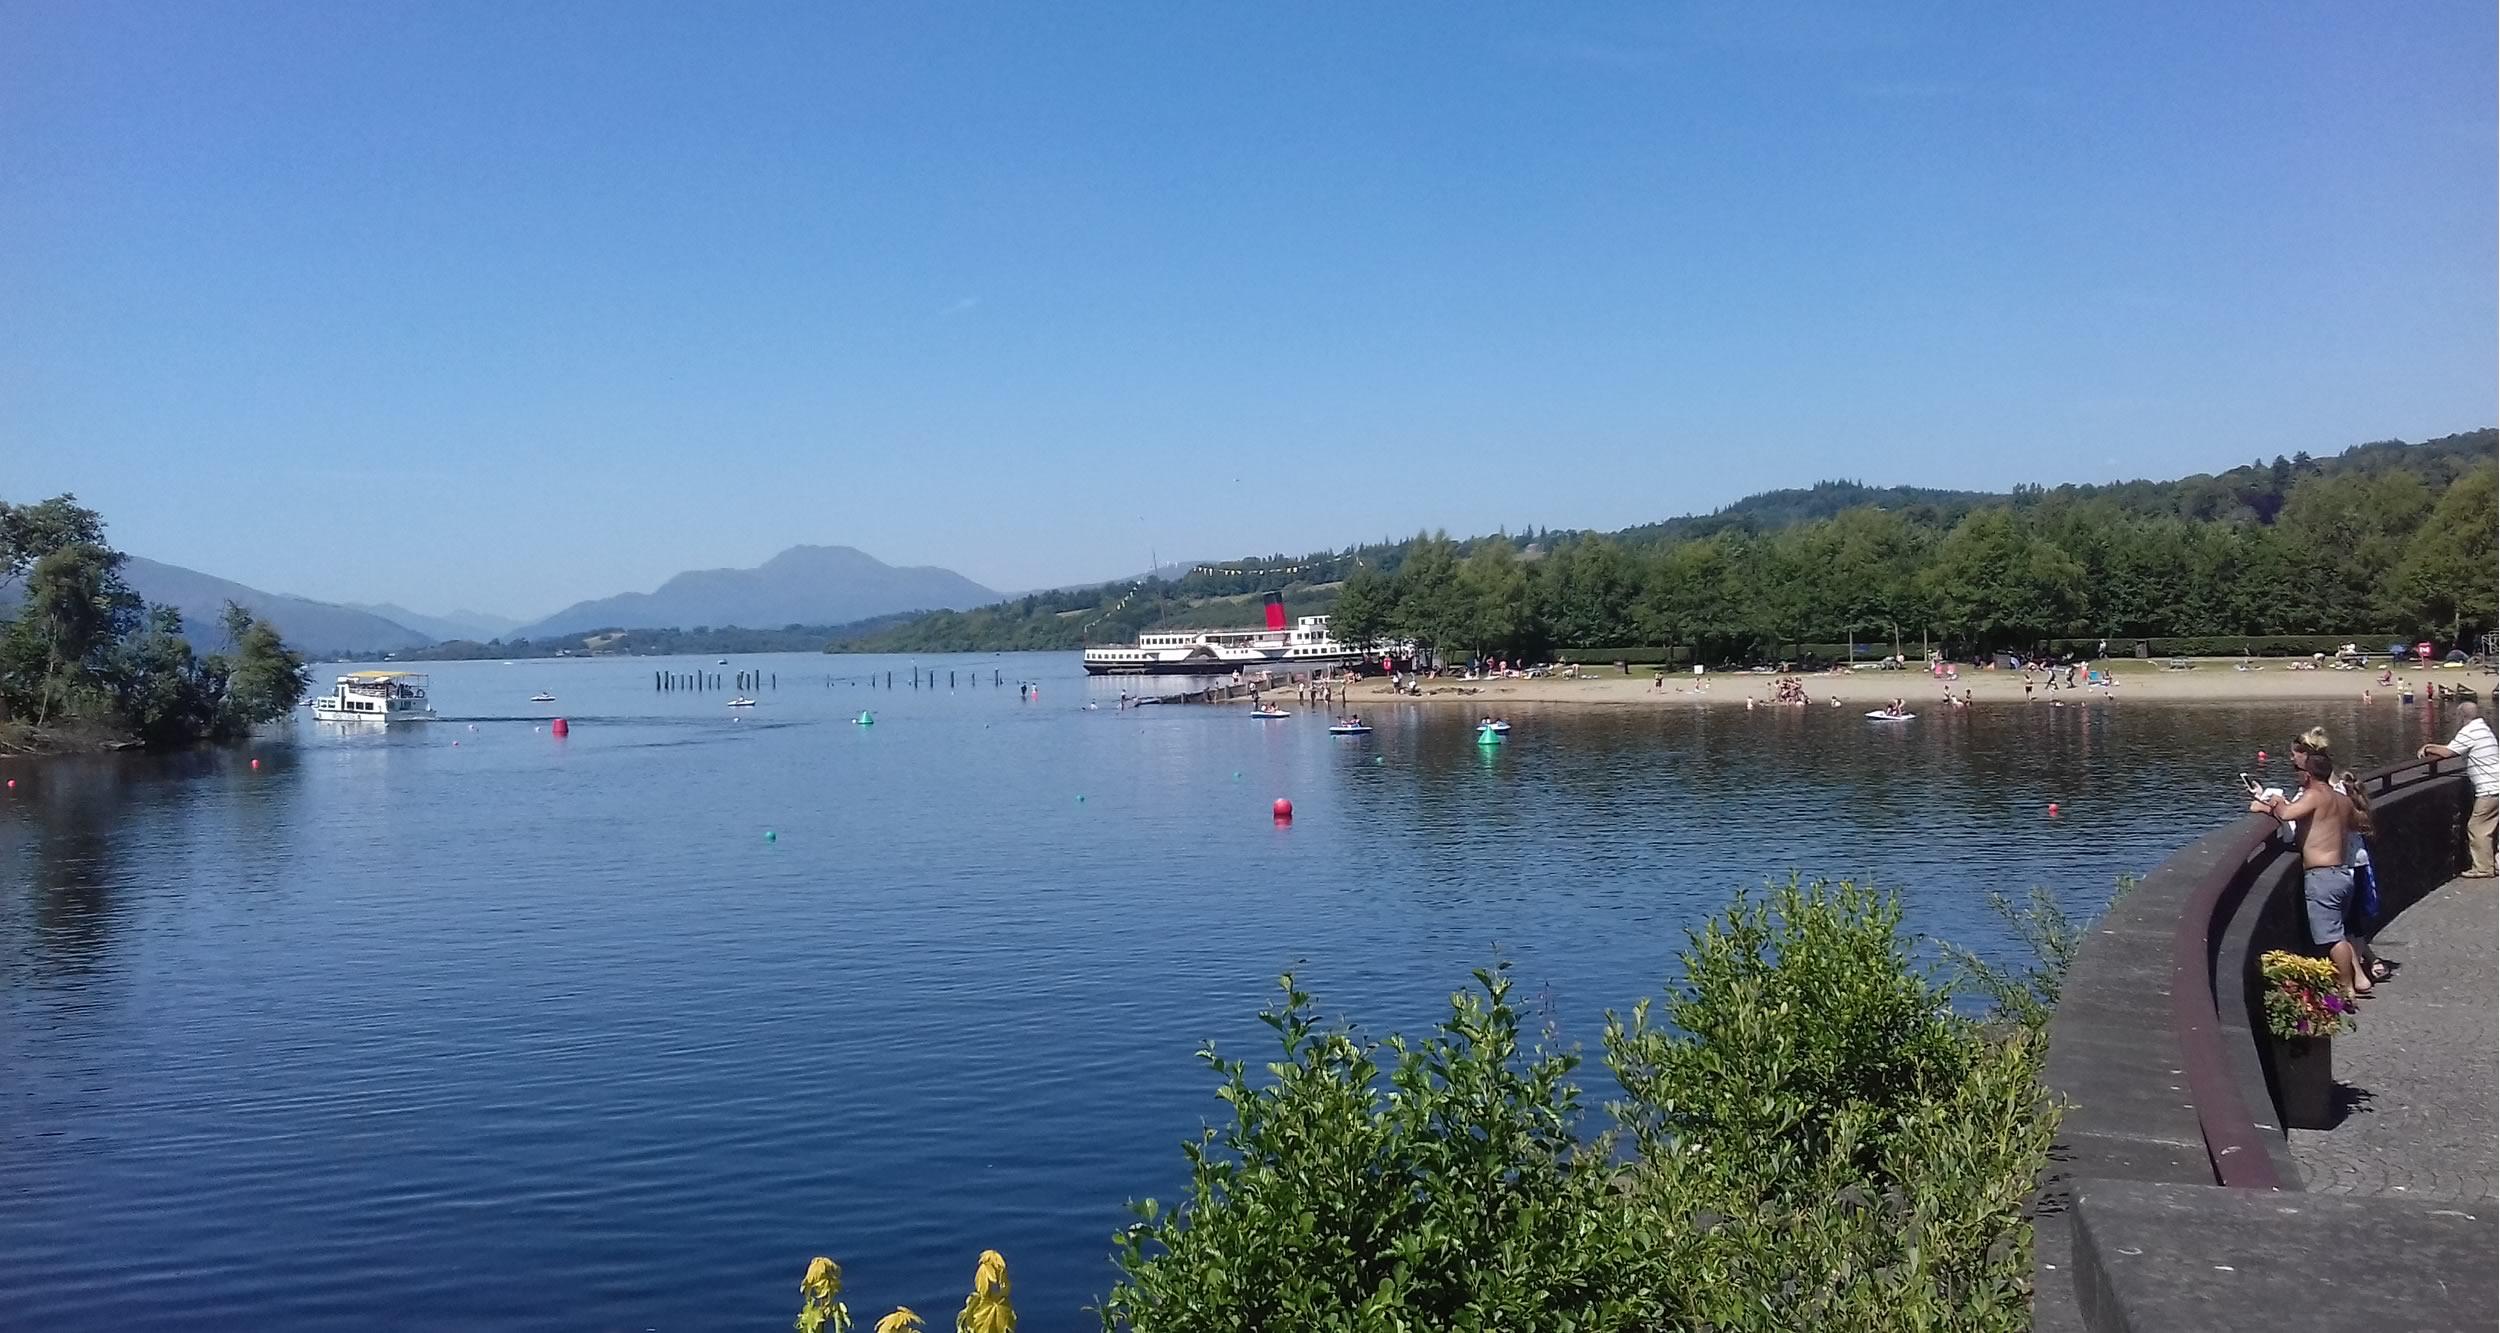 Go Swim Loch Lomond (August 2020)